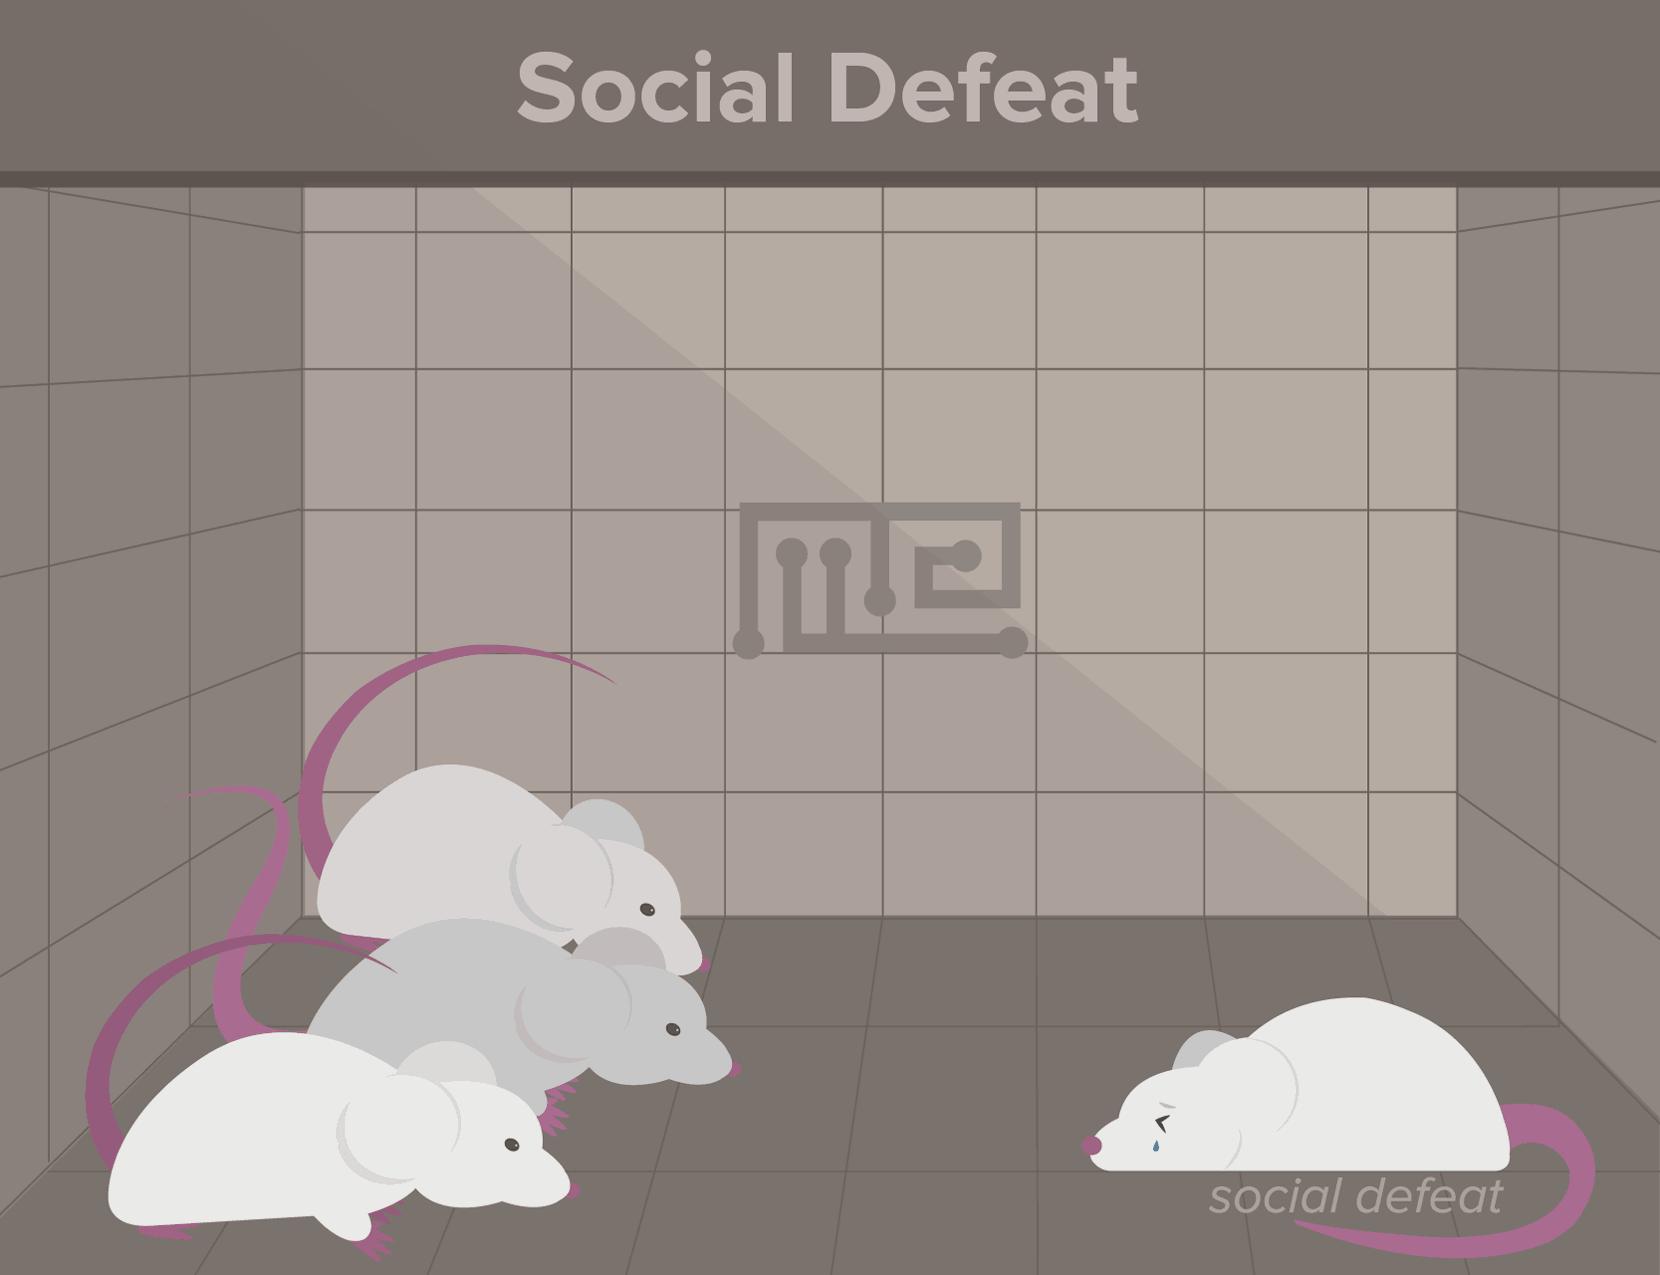 social defeat-social hierarchy in animals